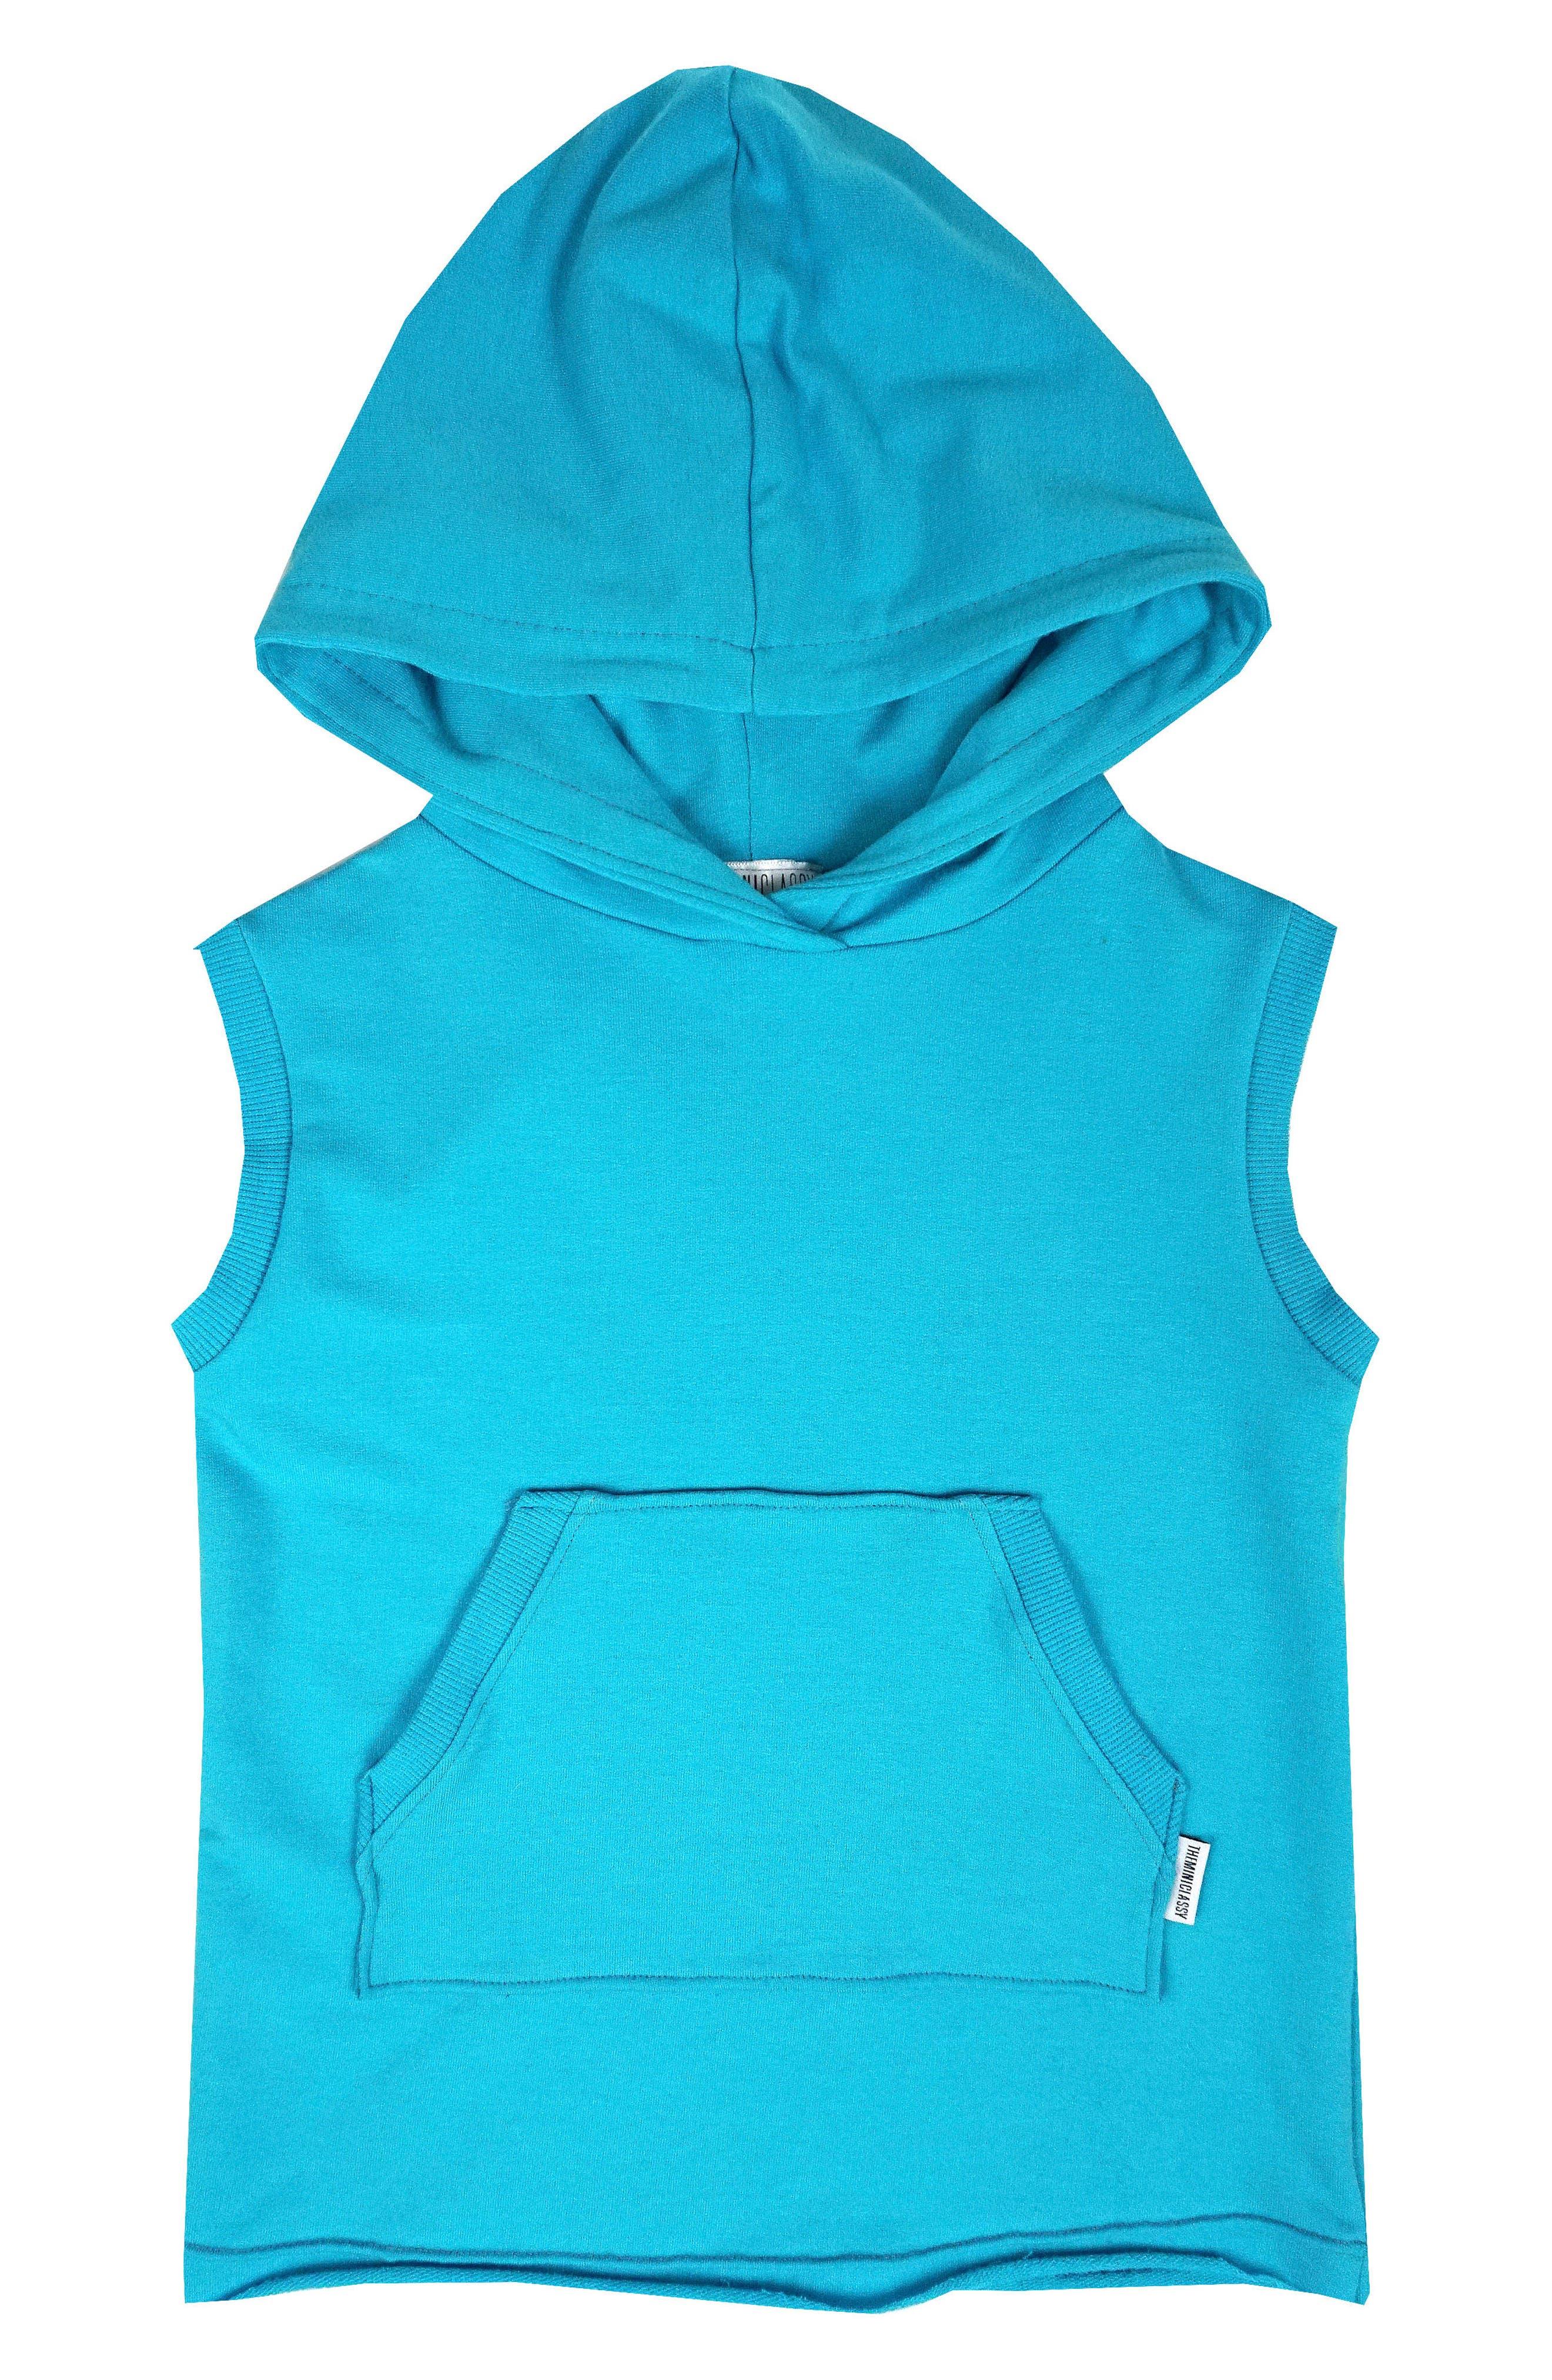 THEMINICLASSY Sleeveless Pullover Hoodie